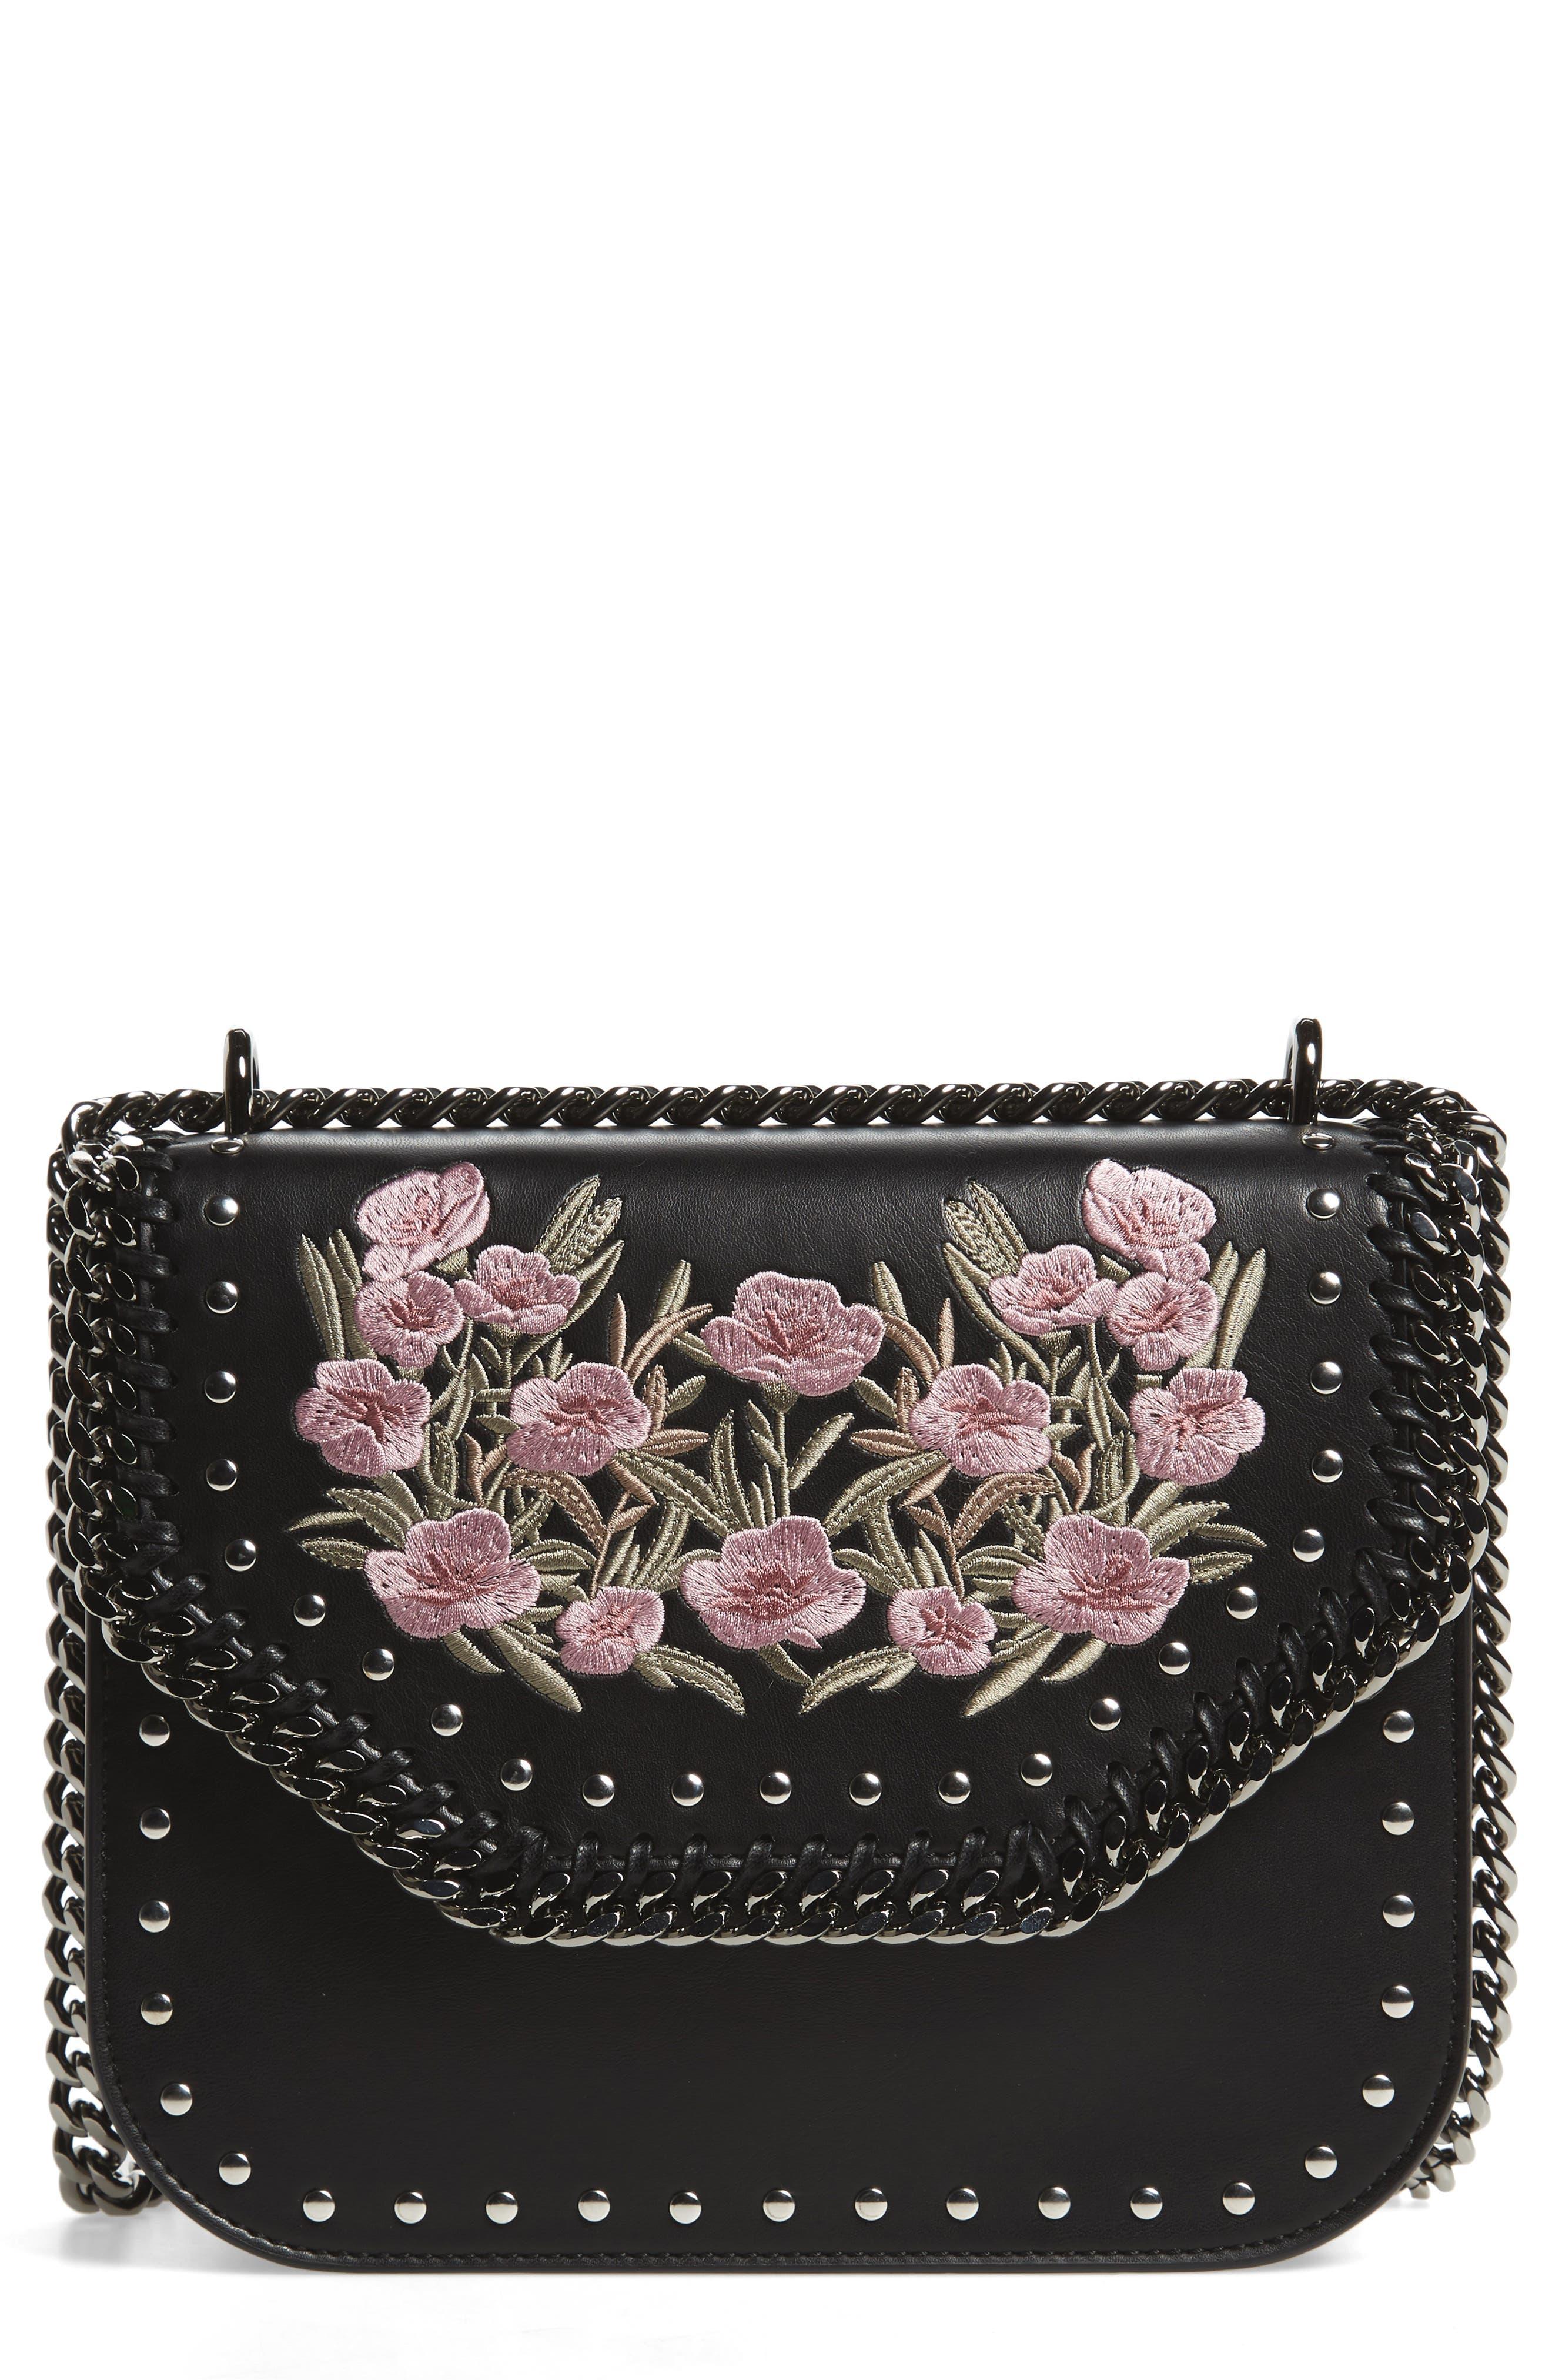 Medium Falabella Box Floral Shoulder Bag,                         Main,                         color, 001